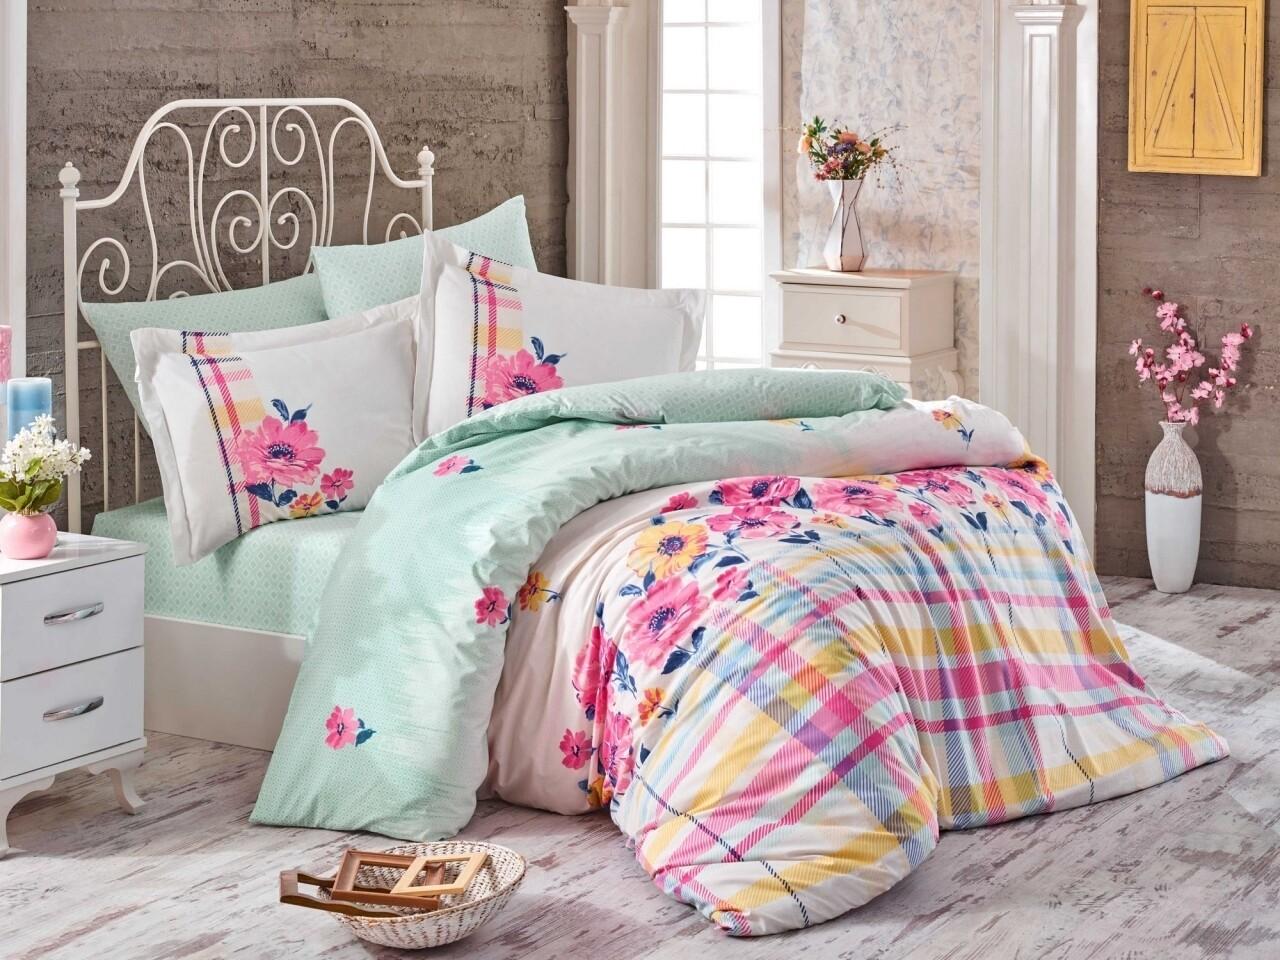 Lenjerie de pat pentru o persoana, 3 piese, 100% bumbac poplin, Hobby, Norma Pink, multicolora